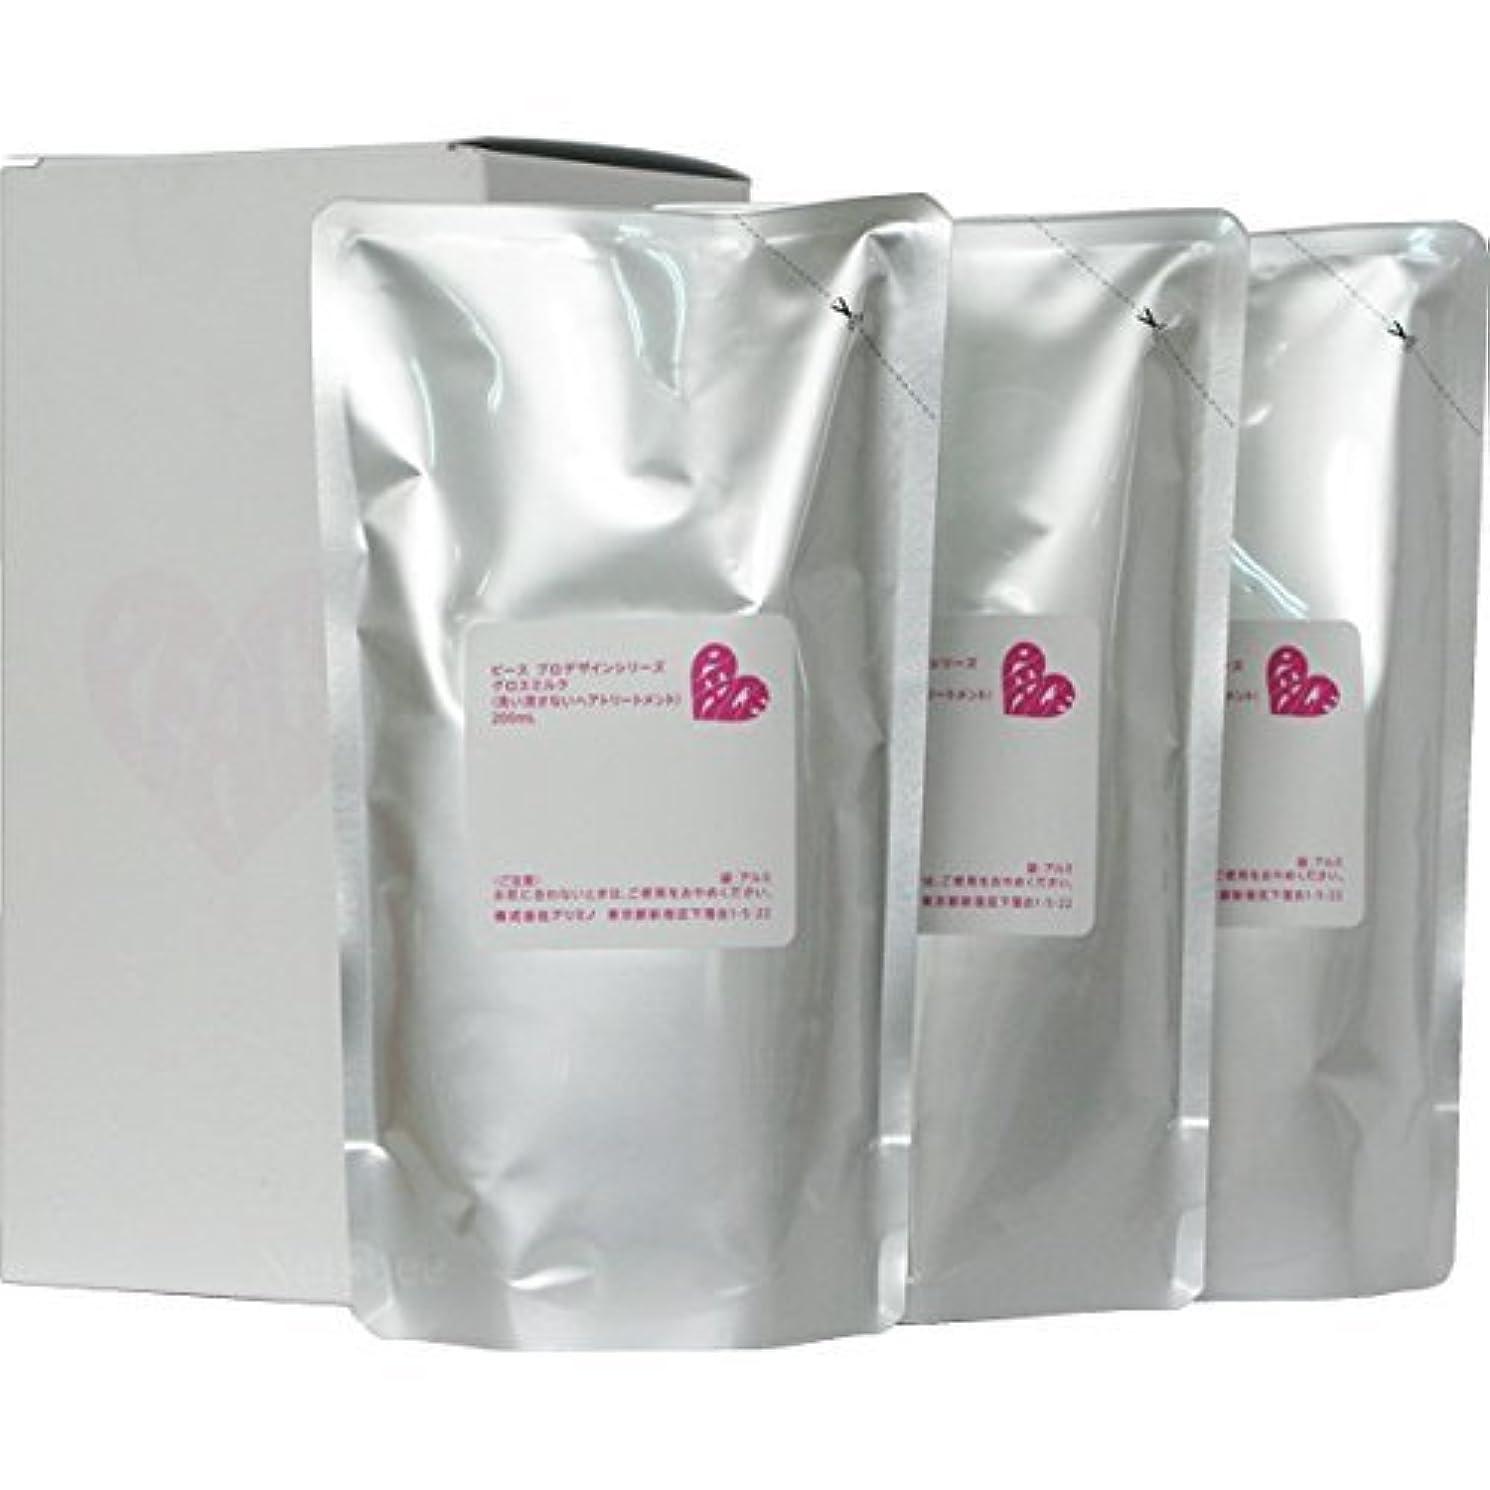 添加剤聴覚入射ピース プロデザインシリーズ グロスミルク ホワイト リフィル 200ml×3